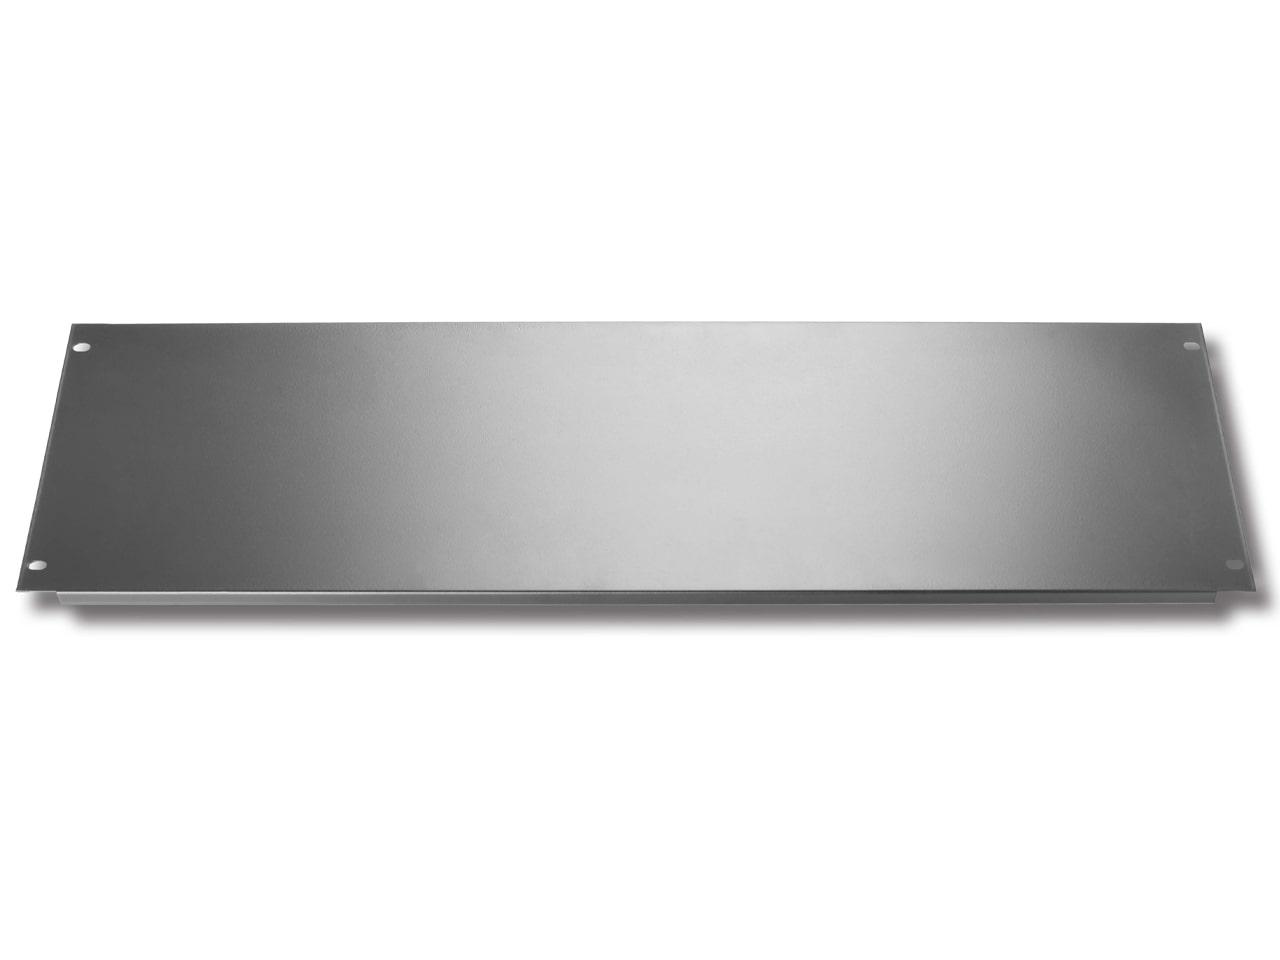 Бланк-панели для стойки с оборудованием